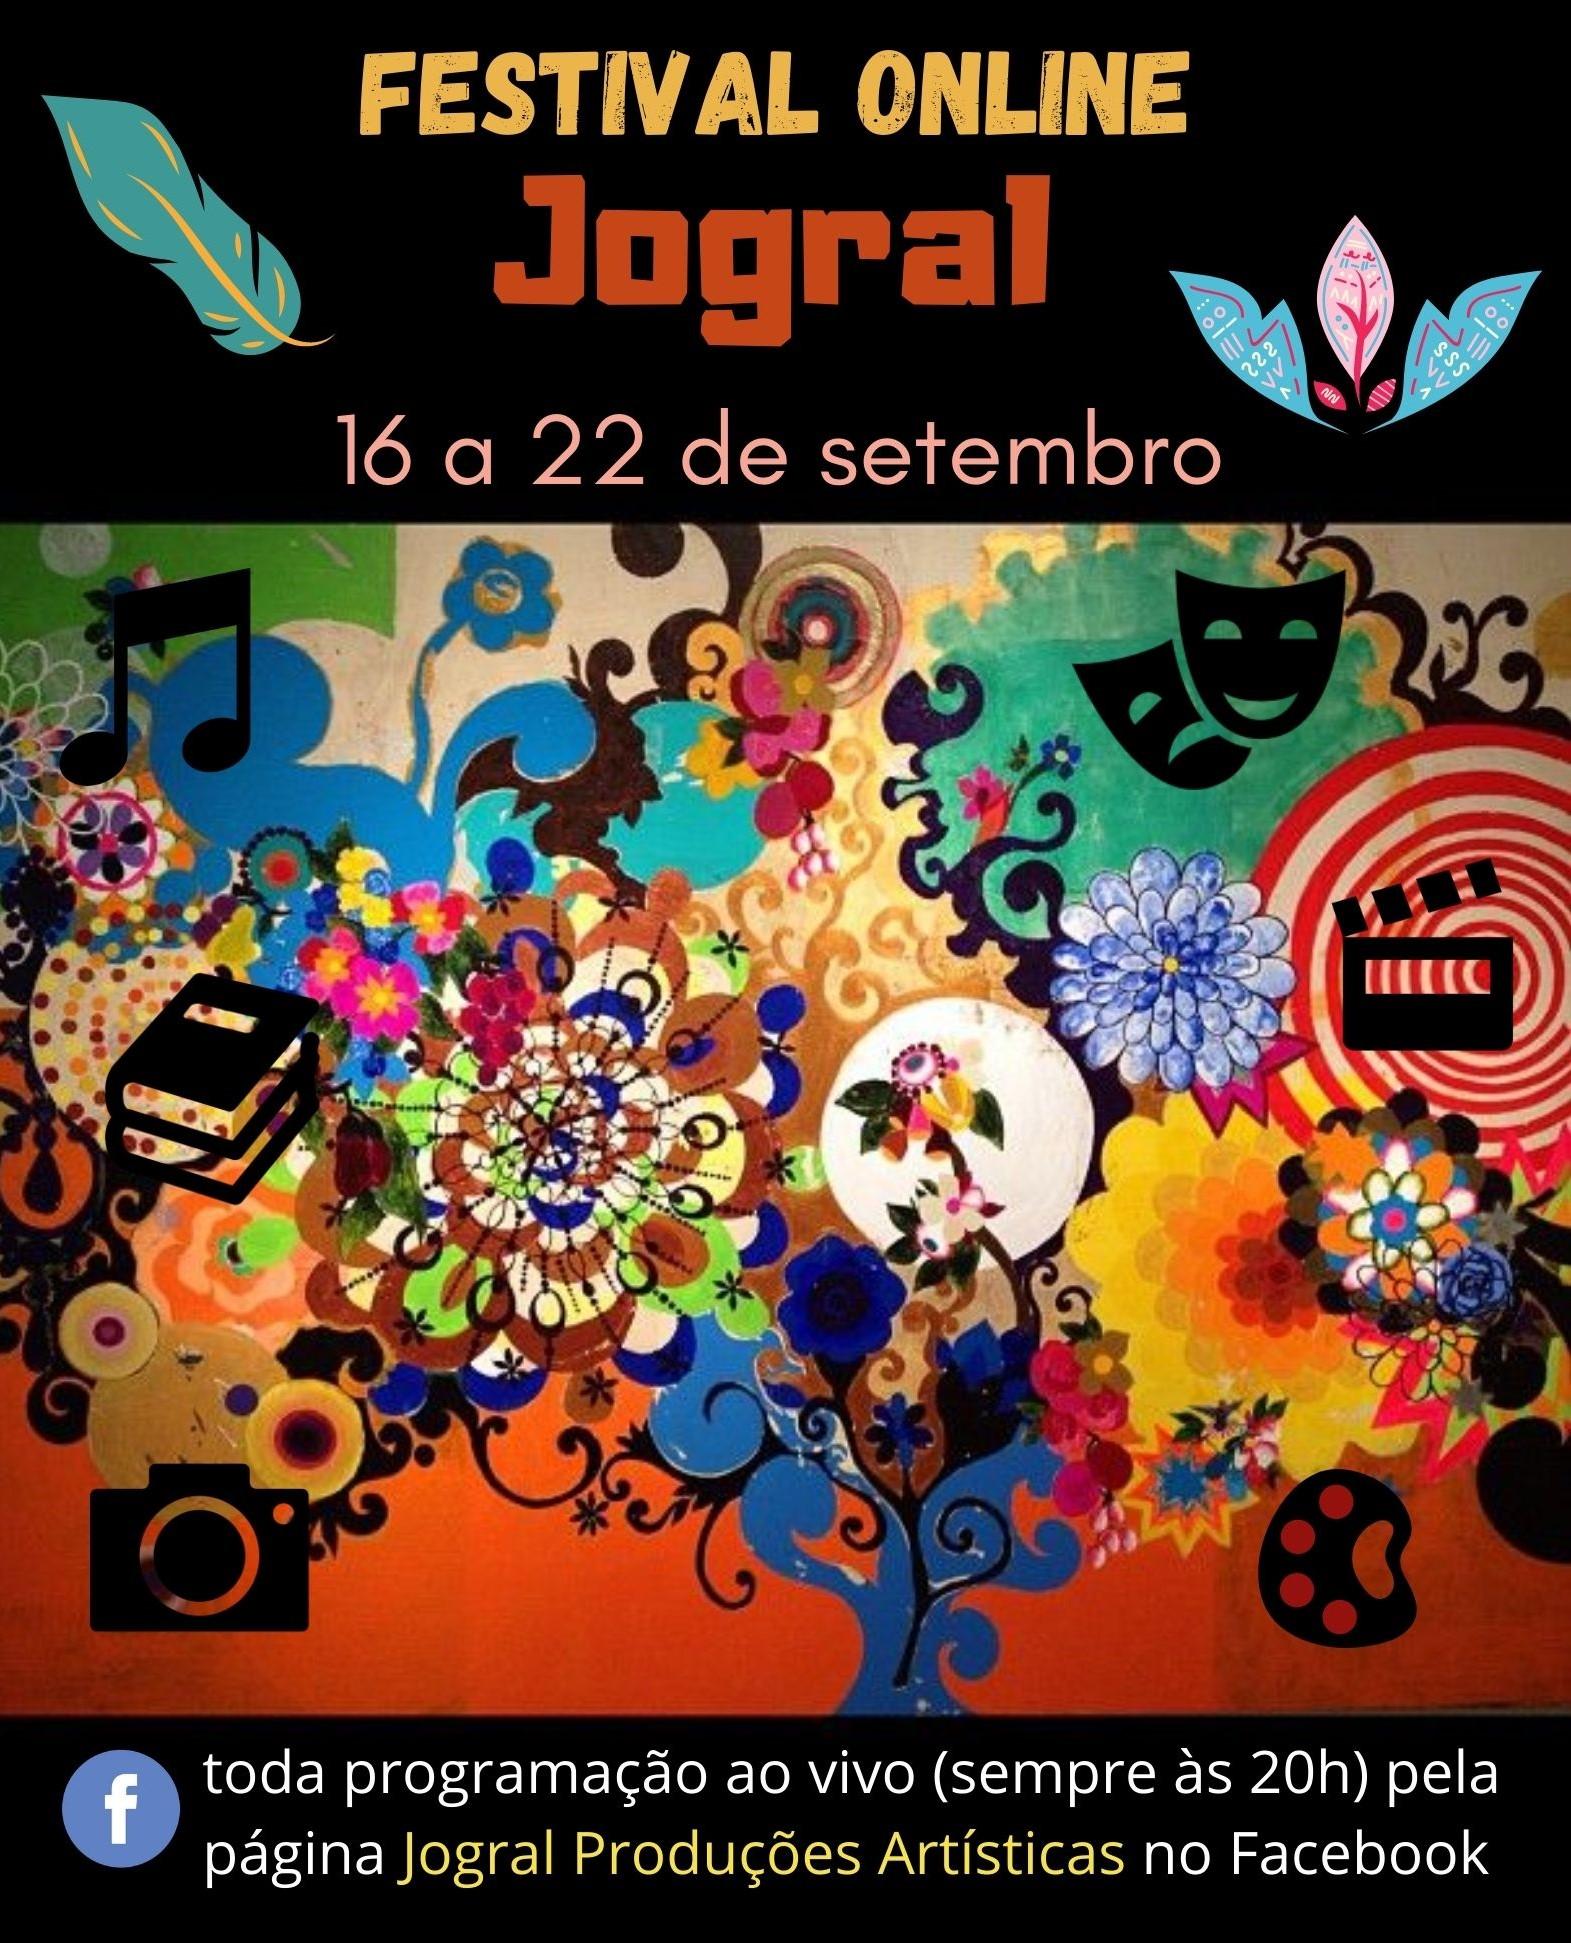 festival jogral